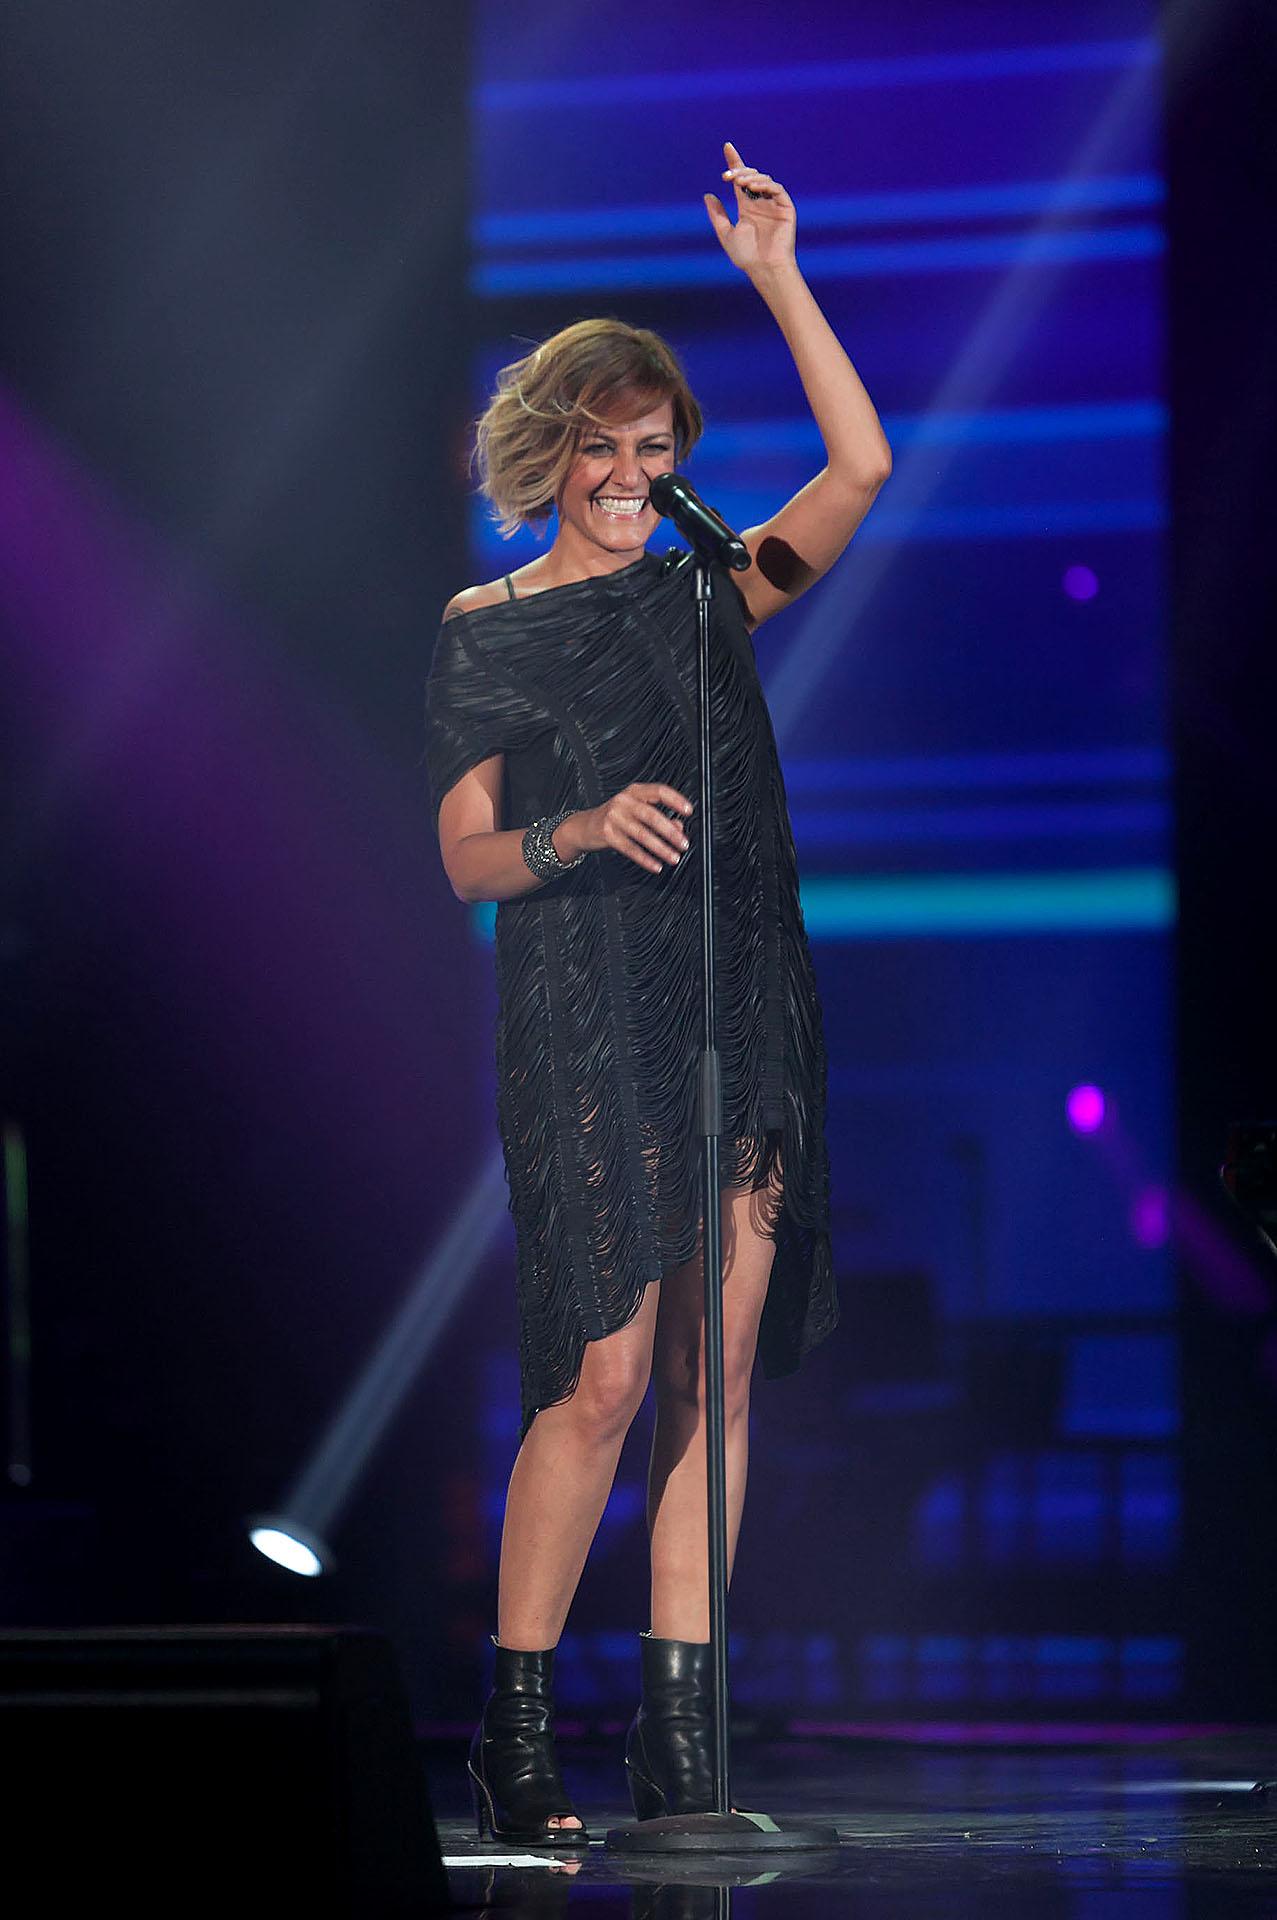 Irene Grandi per Swarovski - Photo: © Andrea Pisapia / Spazio Orti 14